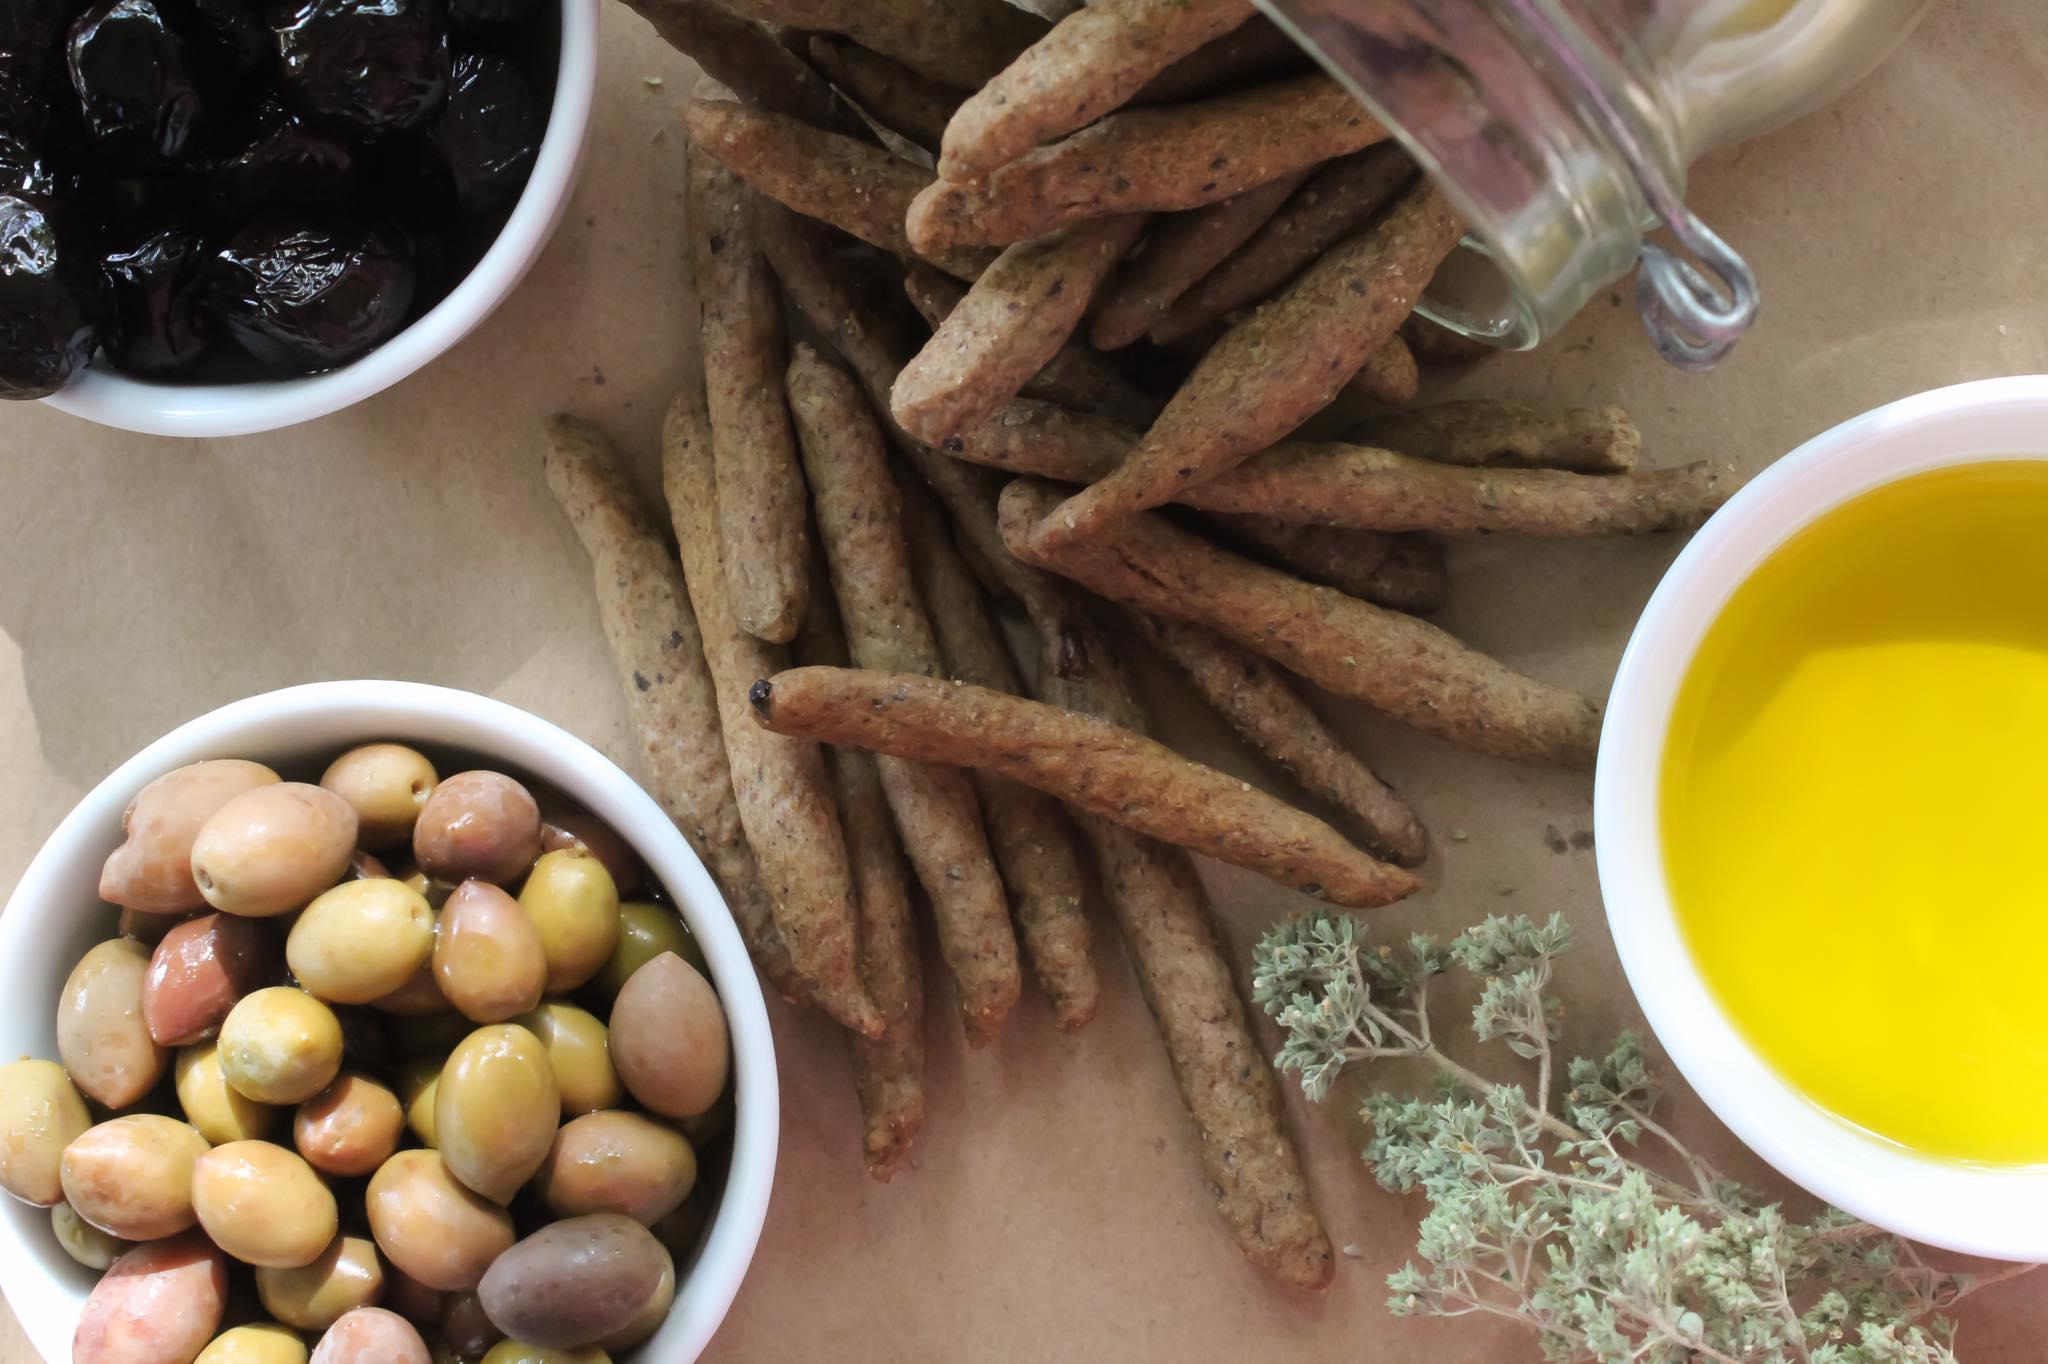 Κριτσίνια ολικής, με ελιές, εξαιρετικό παρθένο ελαιόλαδο, λευκό κρασί και ρίγανη